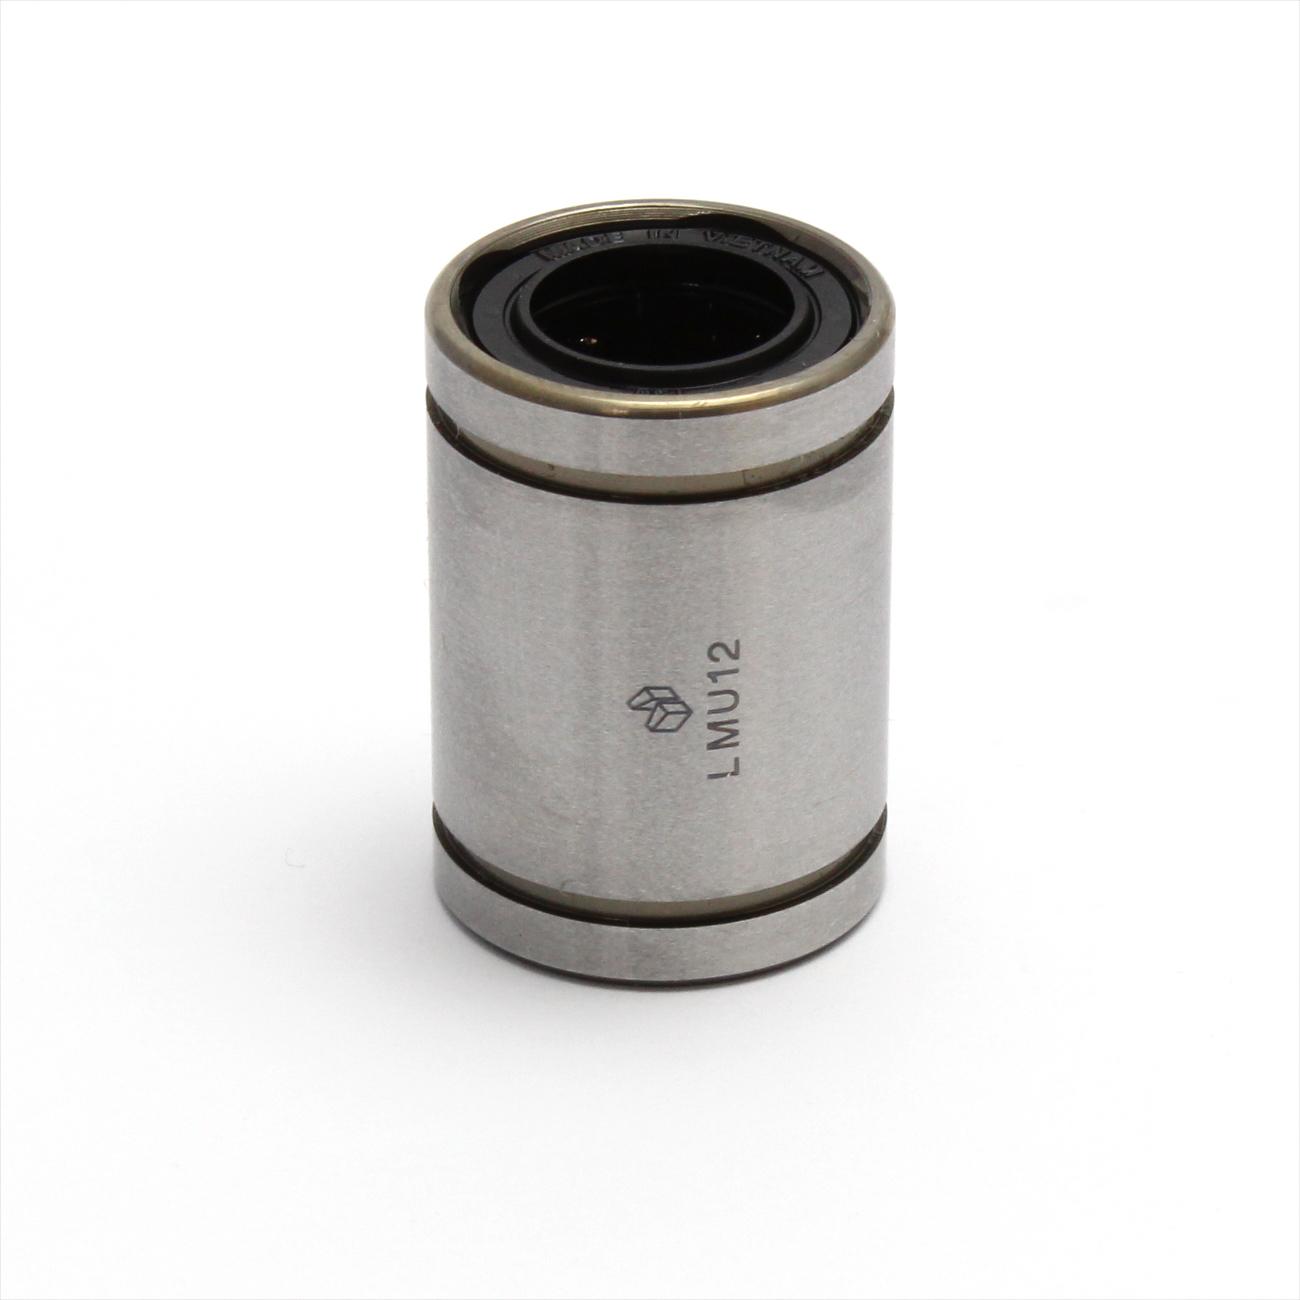 LMF12UU 12mm Innendurchmesser 4 Bolzen Linear rund Flansch Kugellager Lager